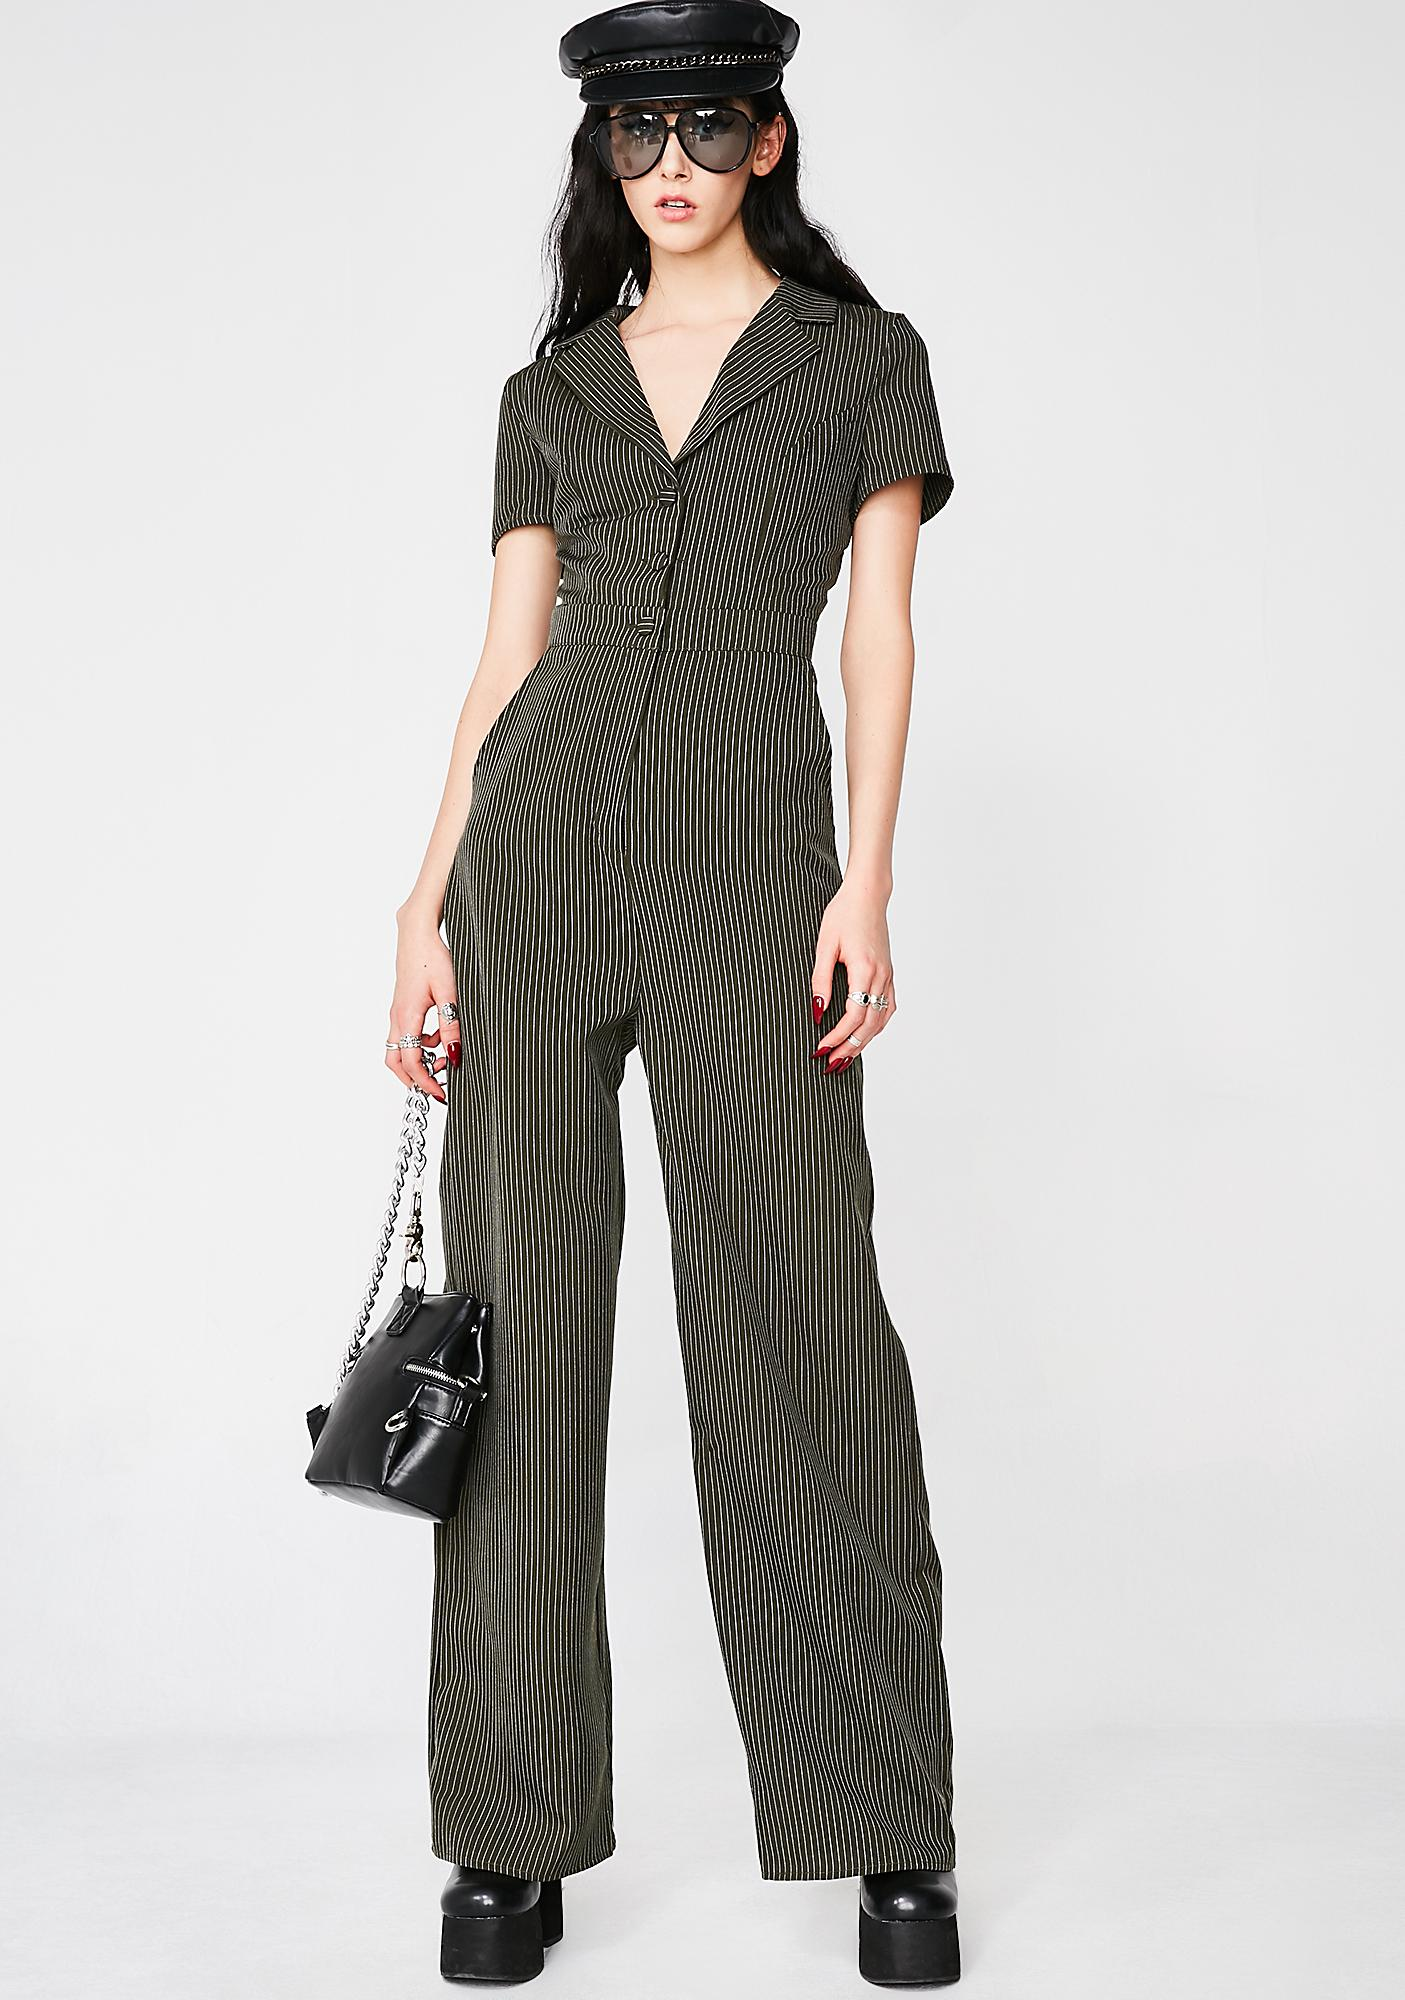 5fbc104b0b6 Boss Lady Pinstripe Jumpsuit